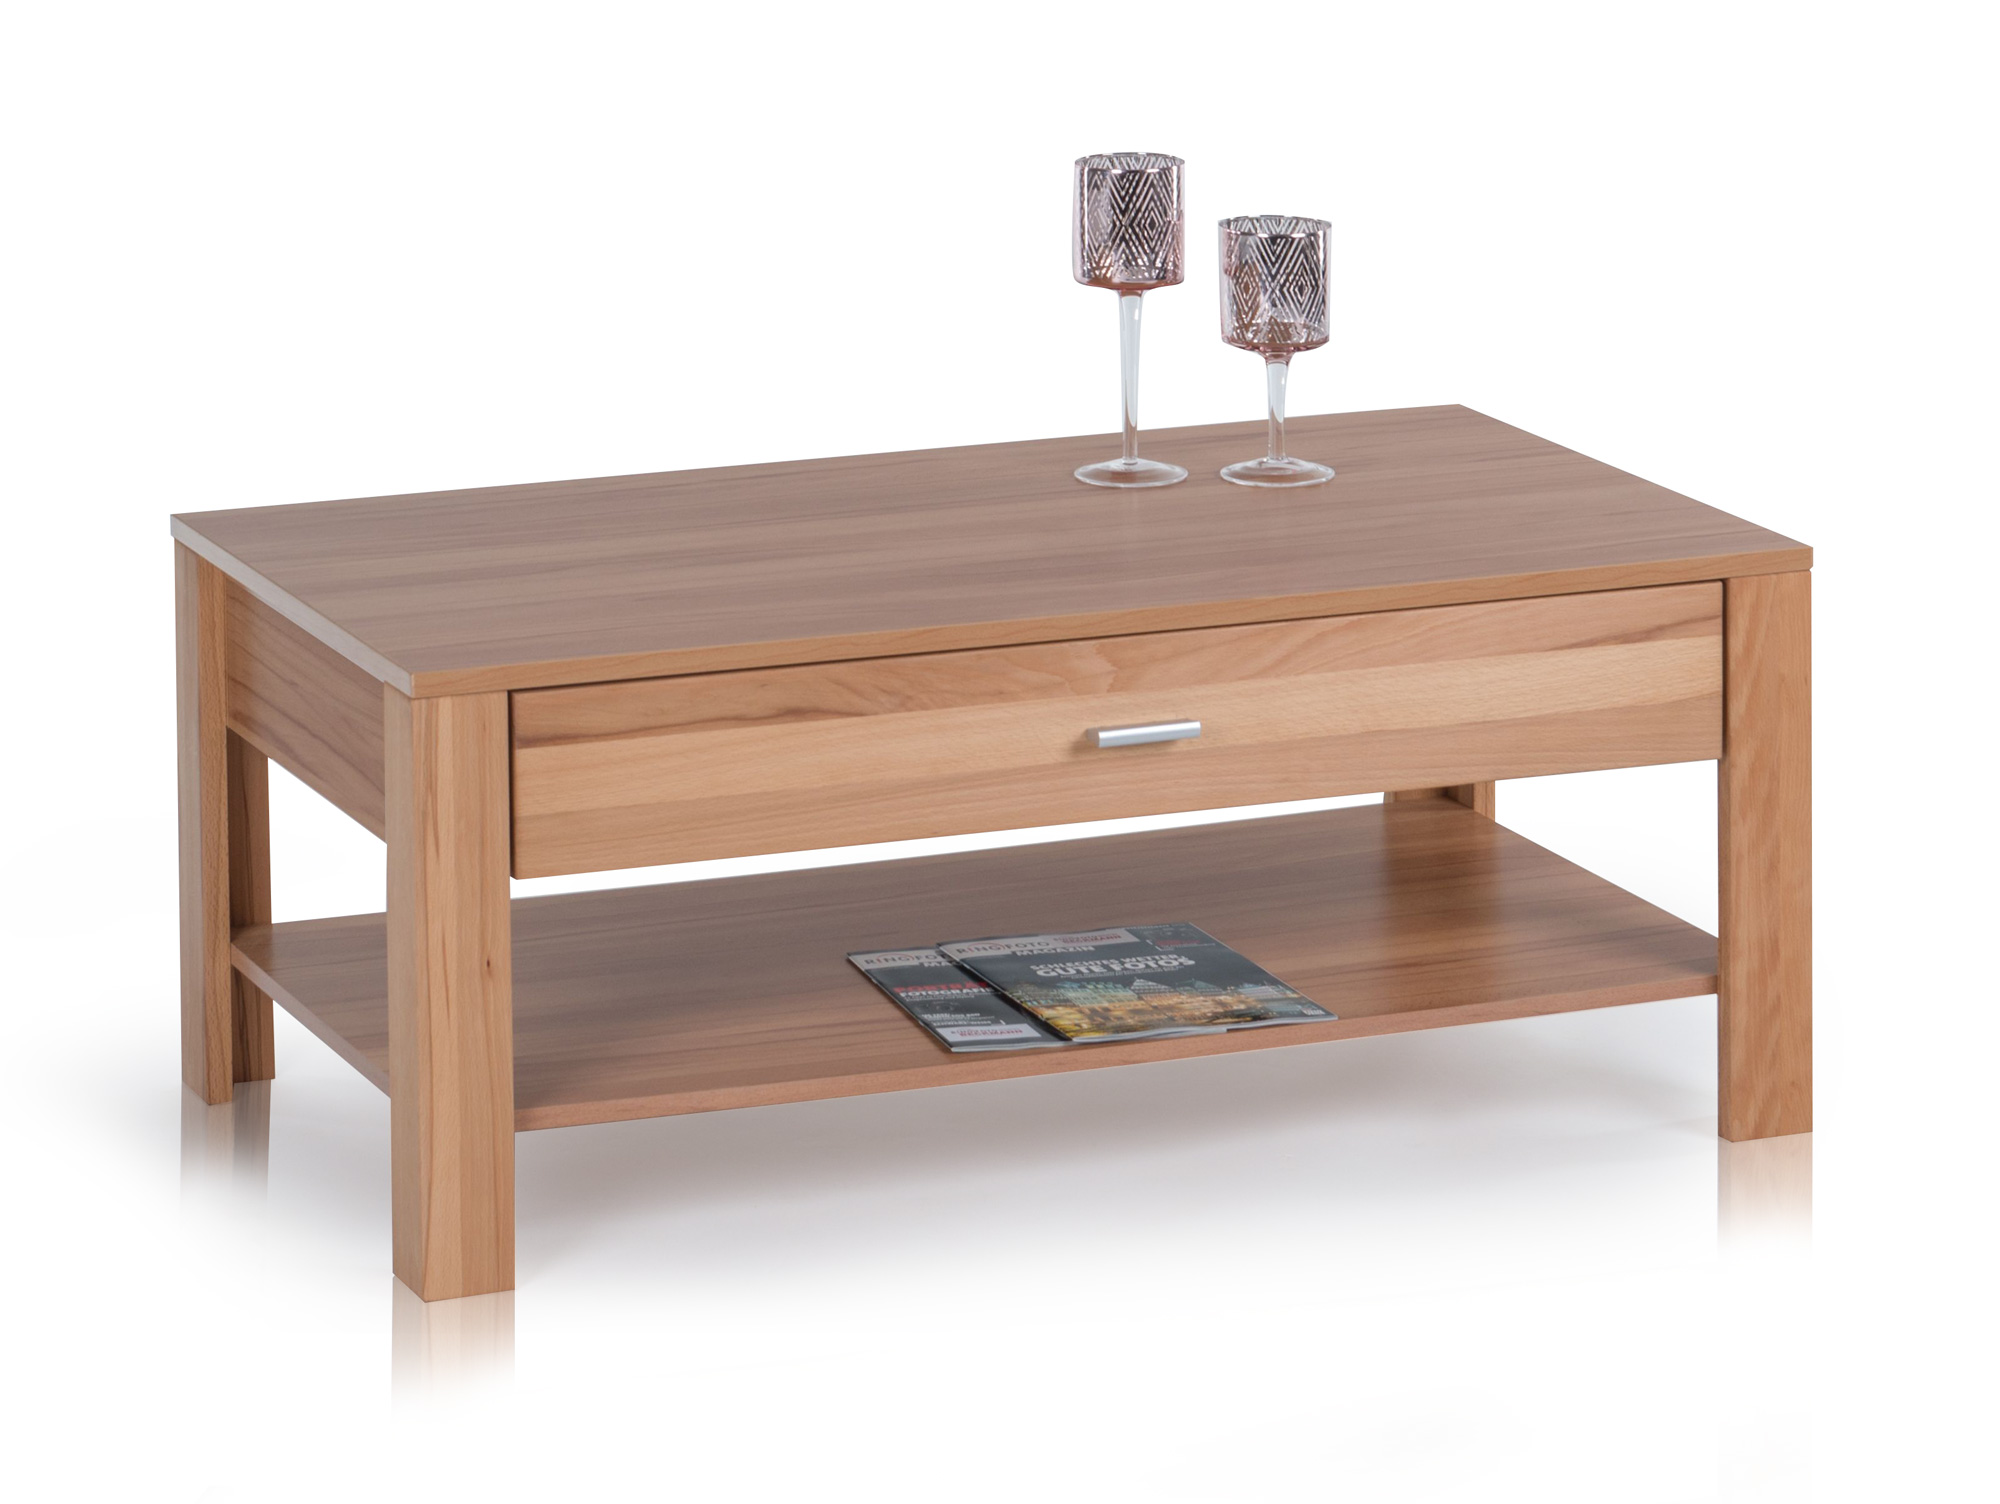 dora couchtisch kernbuche teilmassiv. Black Bedroom Furniture Sets. Home Design Ideas